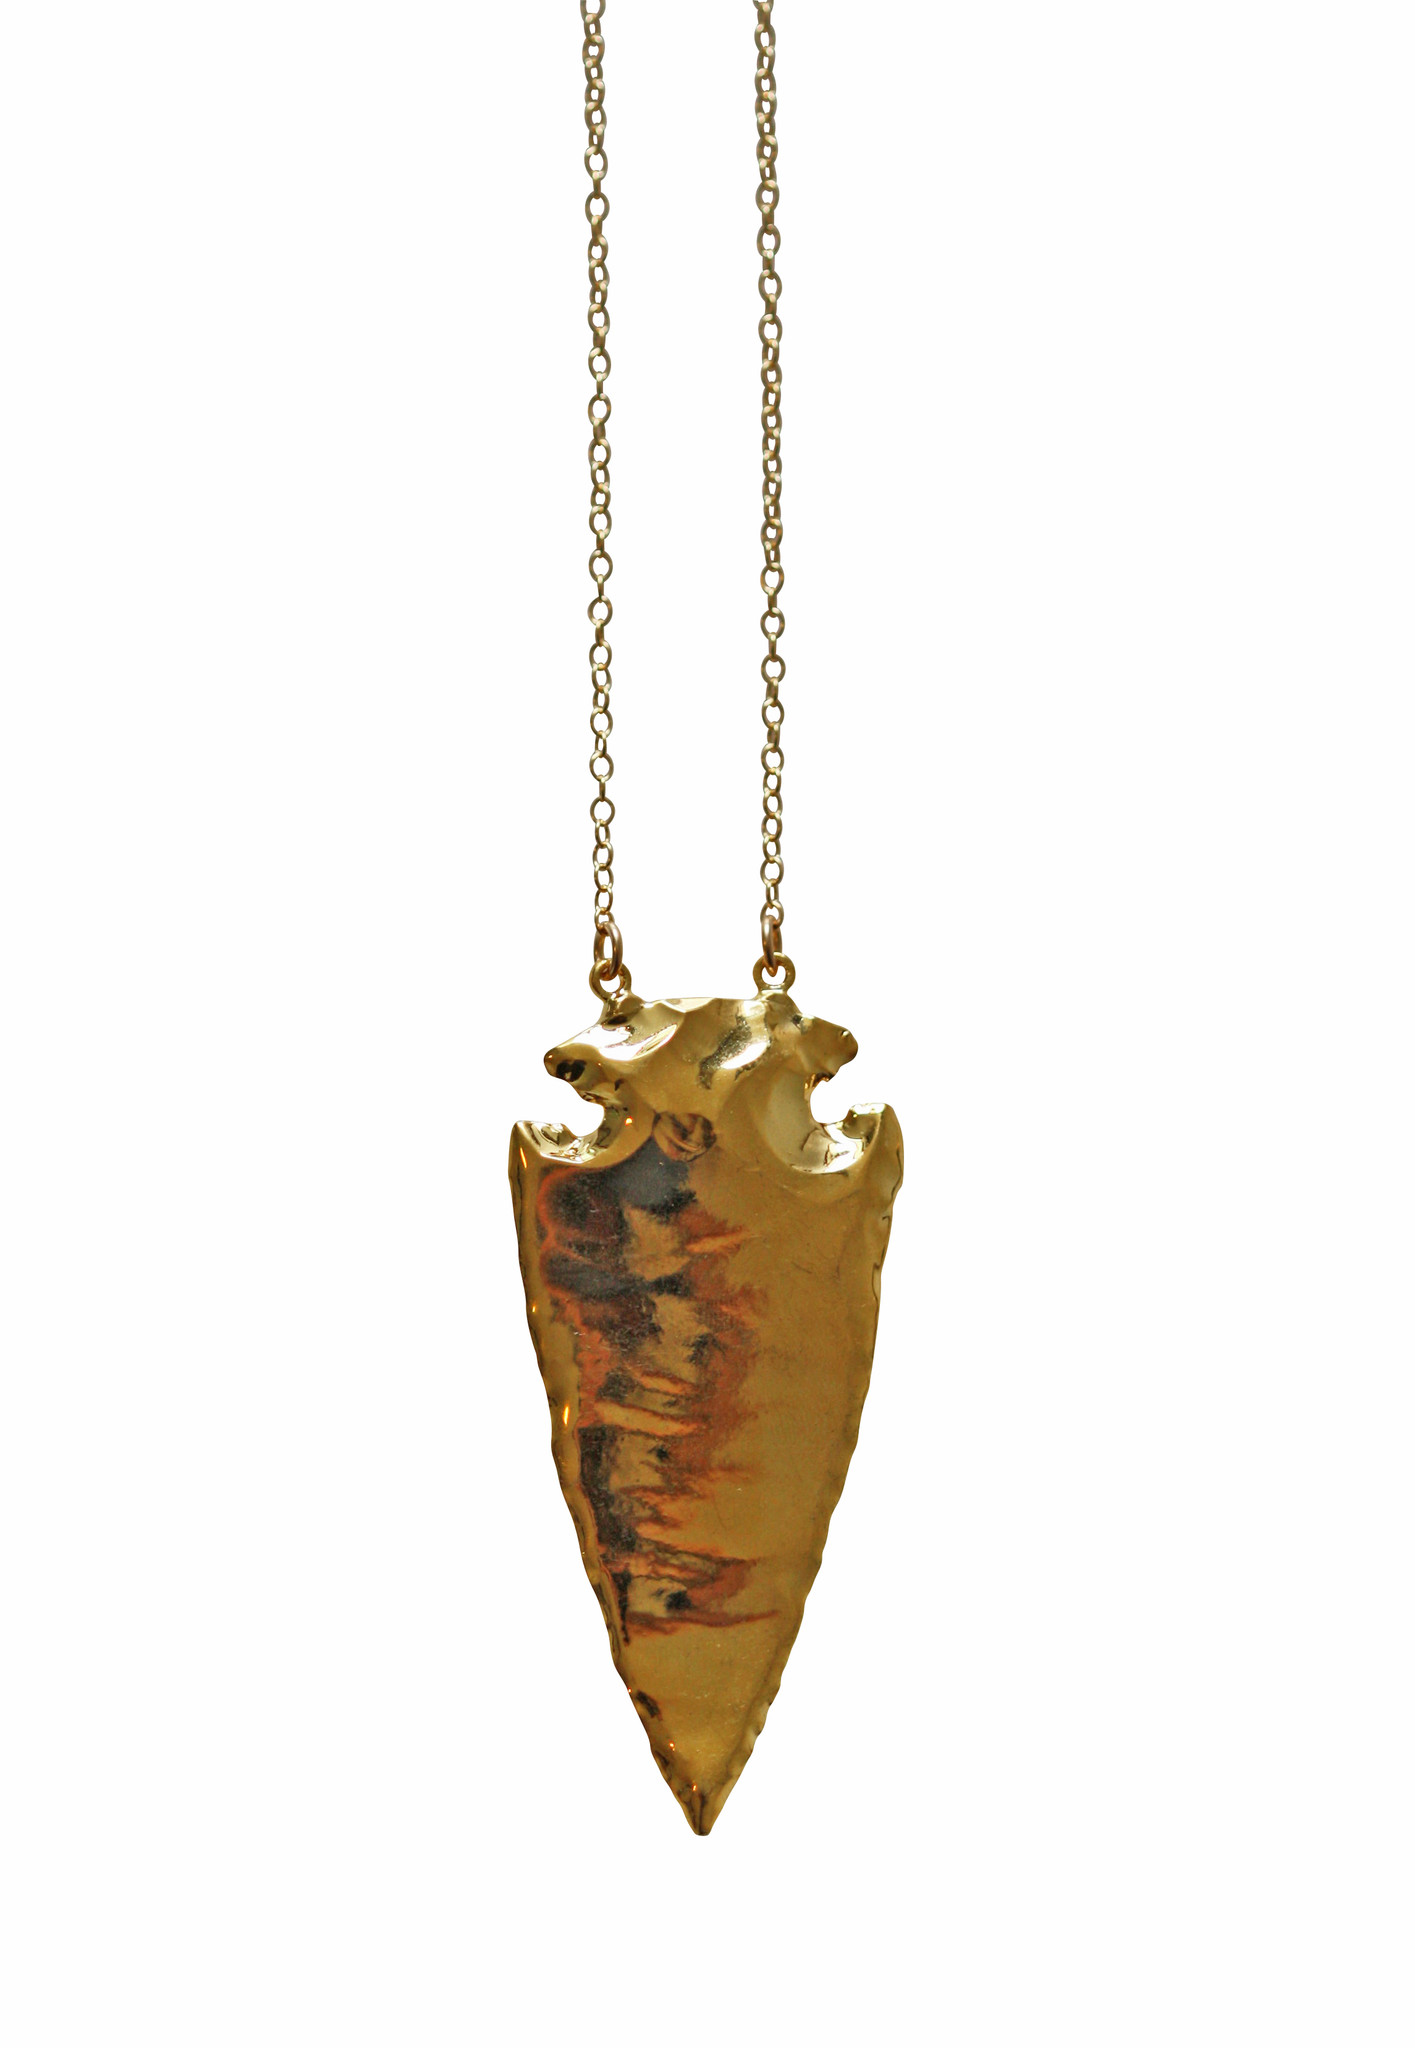 ARROWHEAD Necklace - long